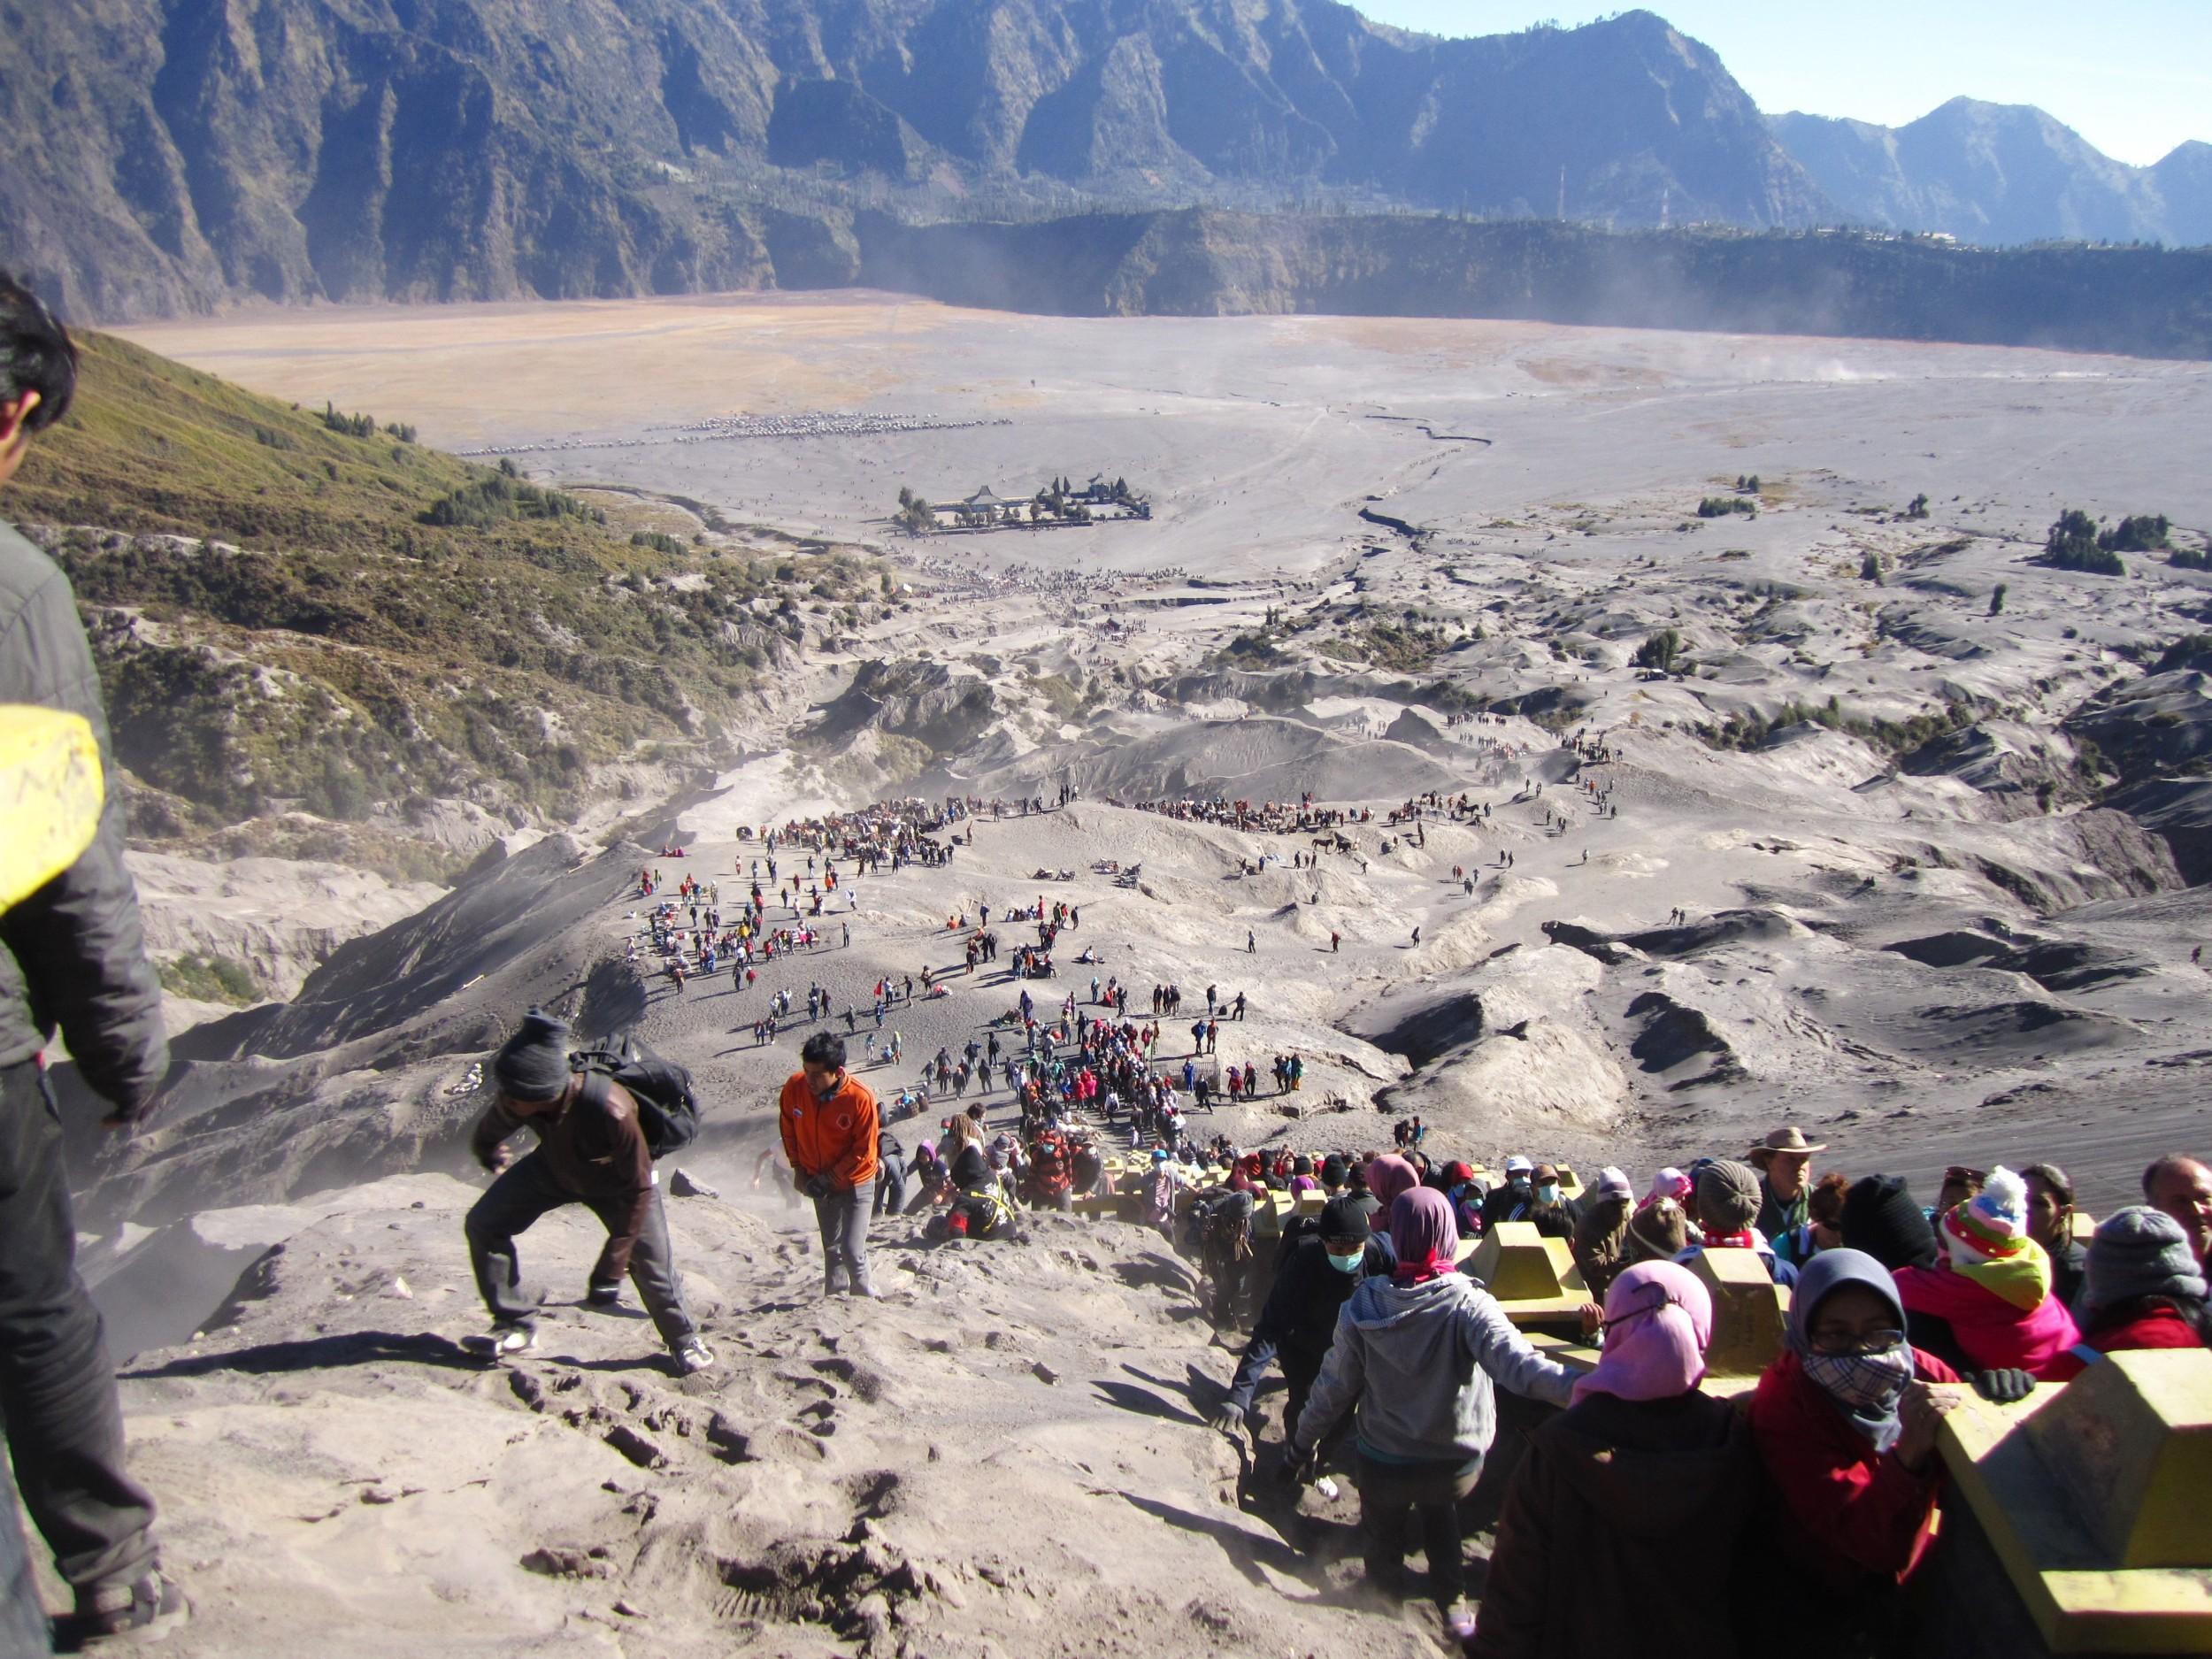 Hundreds of tourists climbing Mt. Bromo through The Tengger Sand Sea